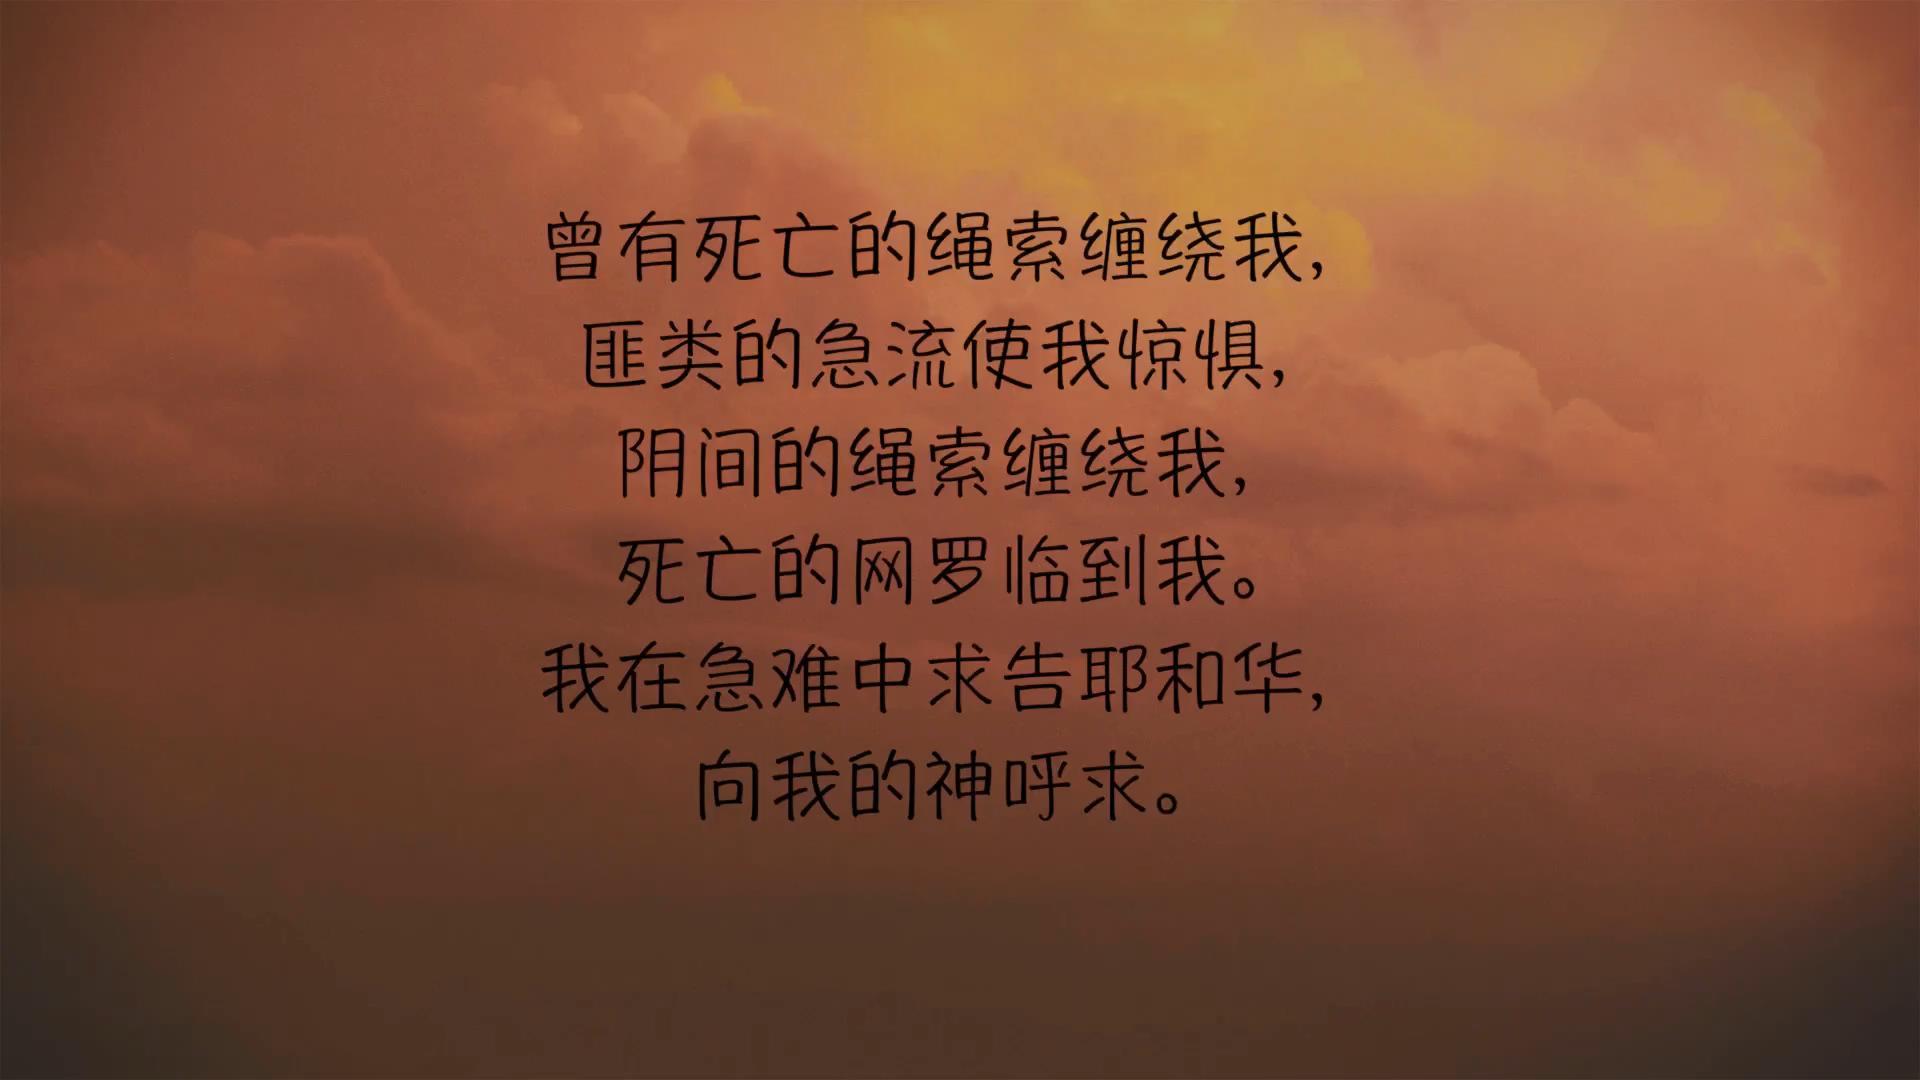 圣经三分钟 诗篇18续_20190115164017.JPG